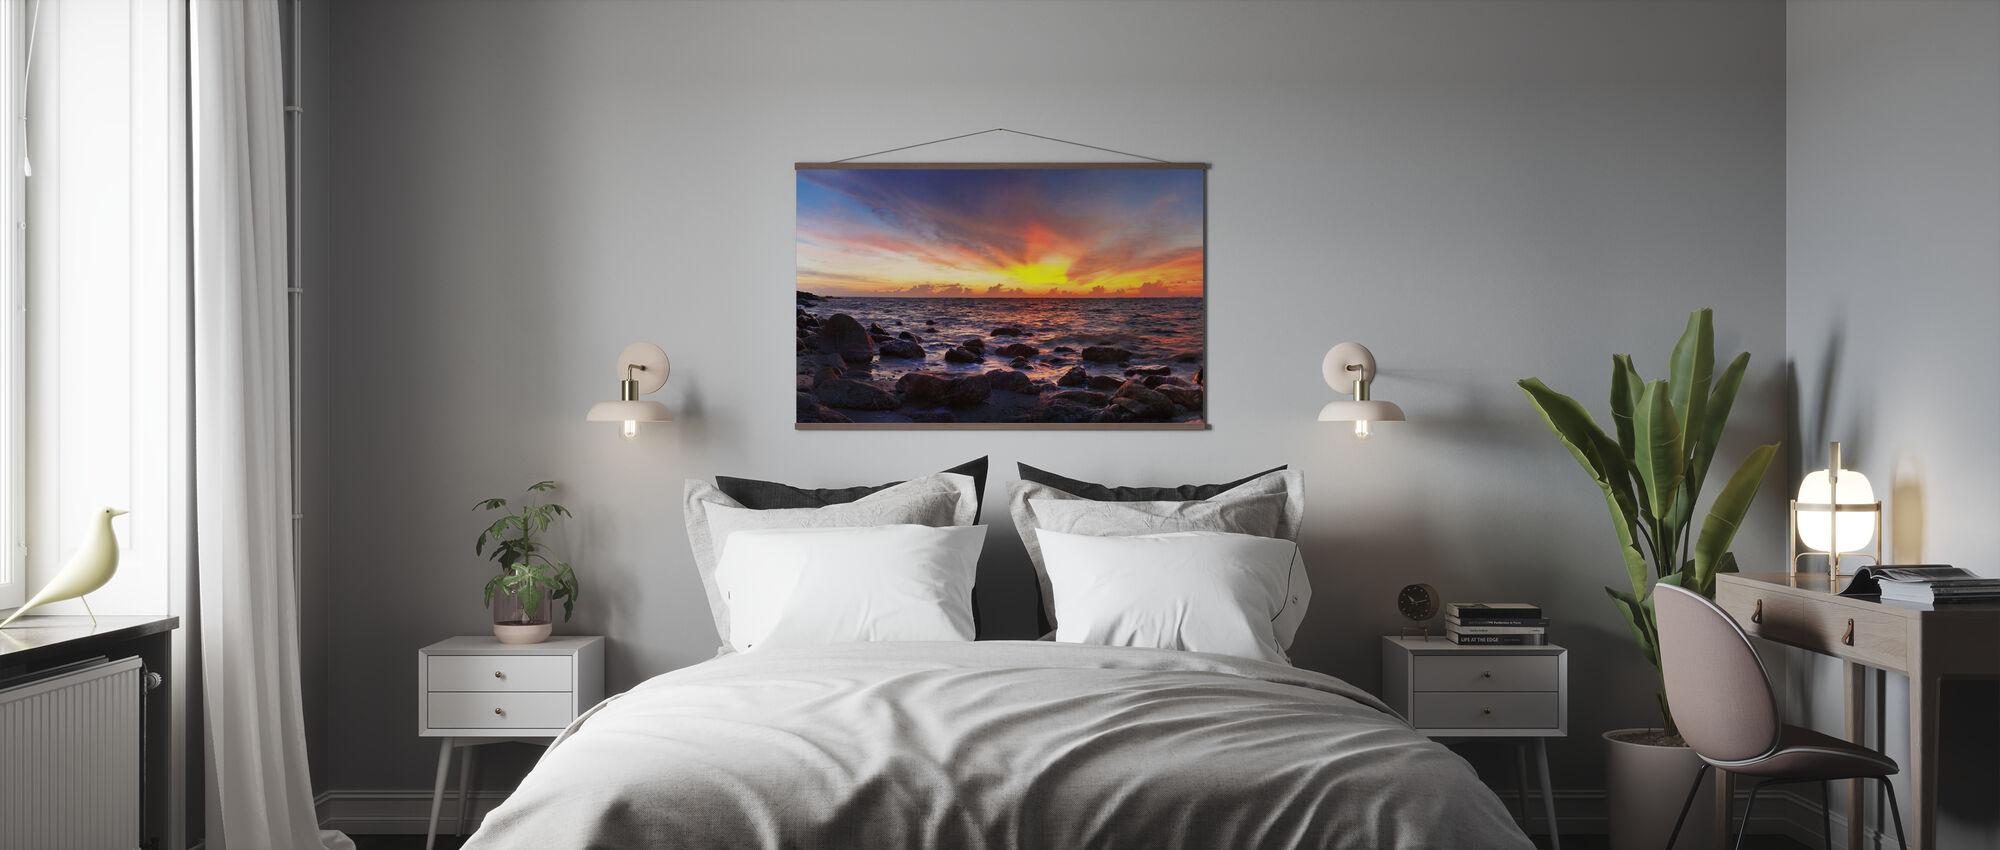 Wilder Sonnenuntergang - Poster - Schlafzimmer